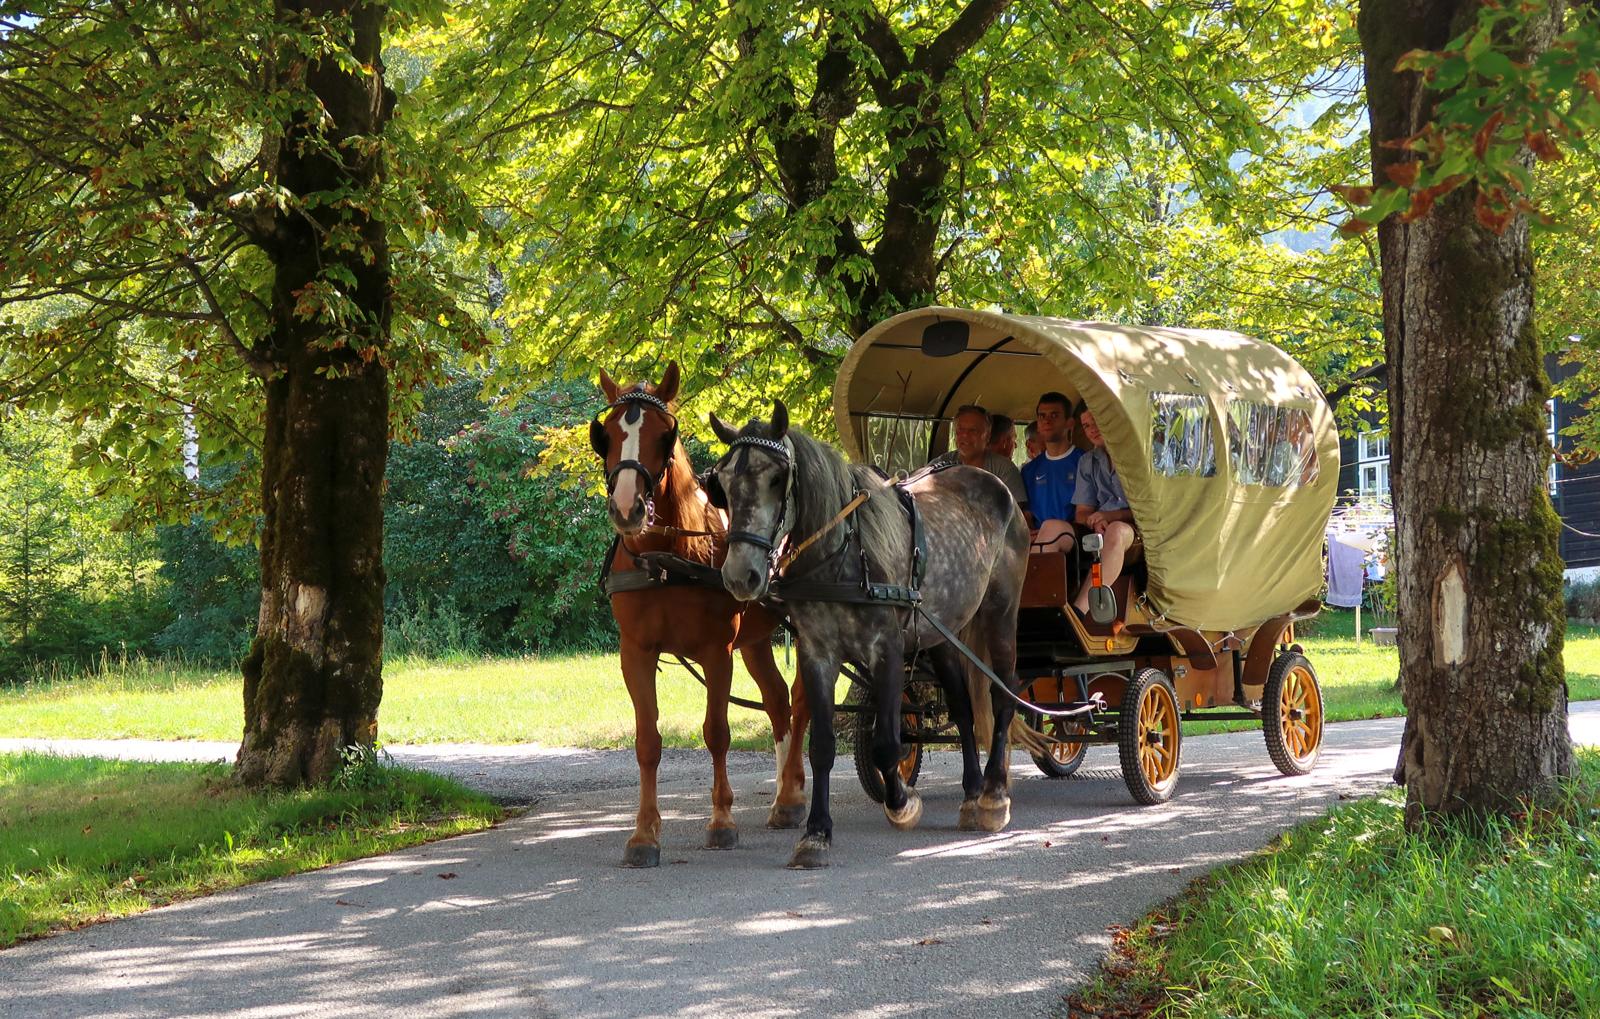 picknickfahrt-mit-kutschenwagen-bg4